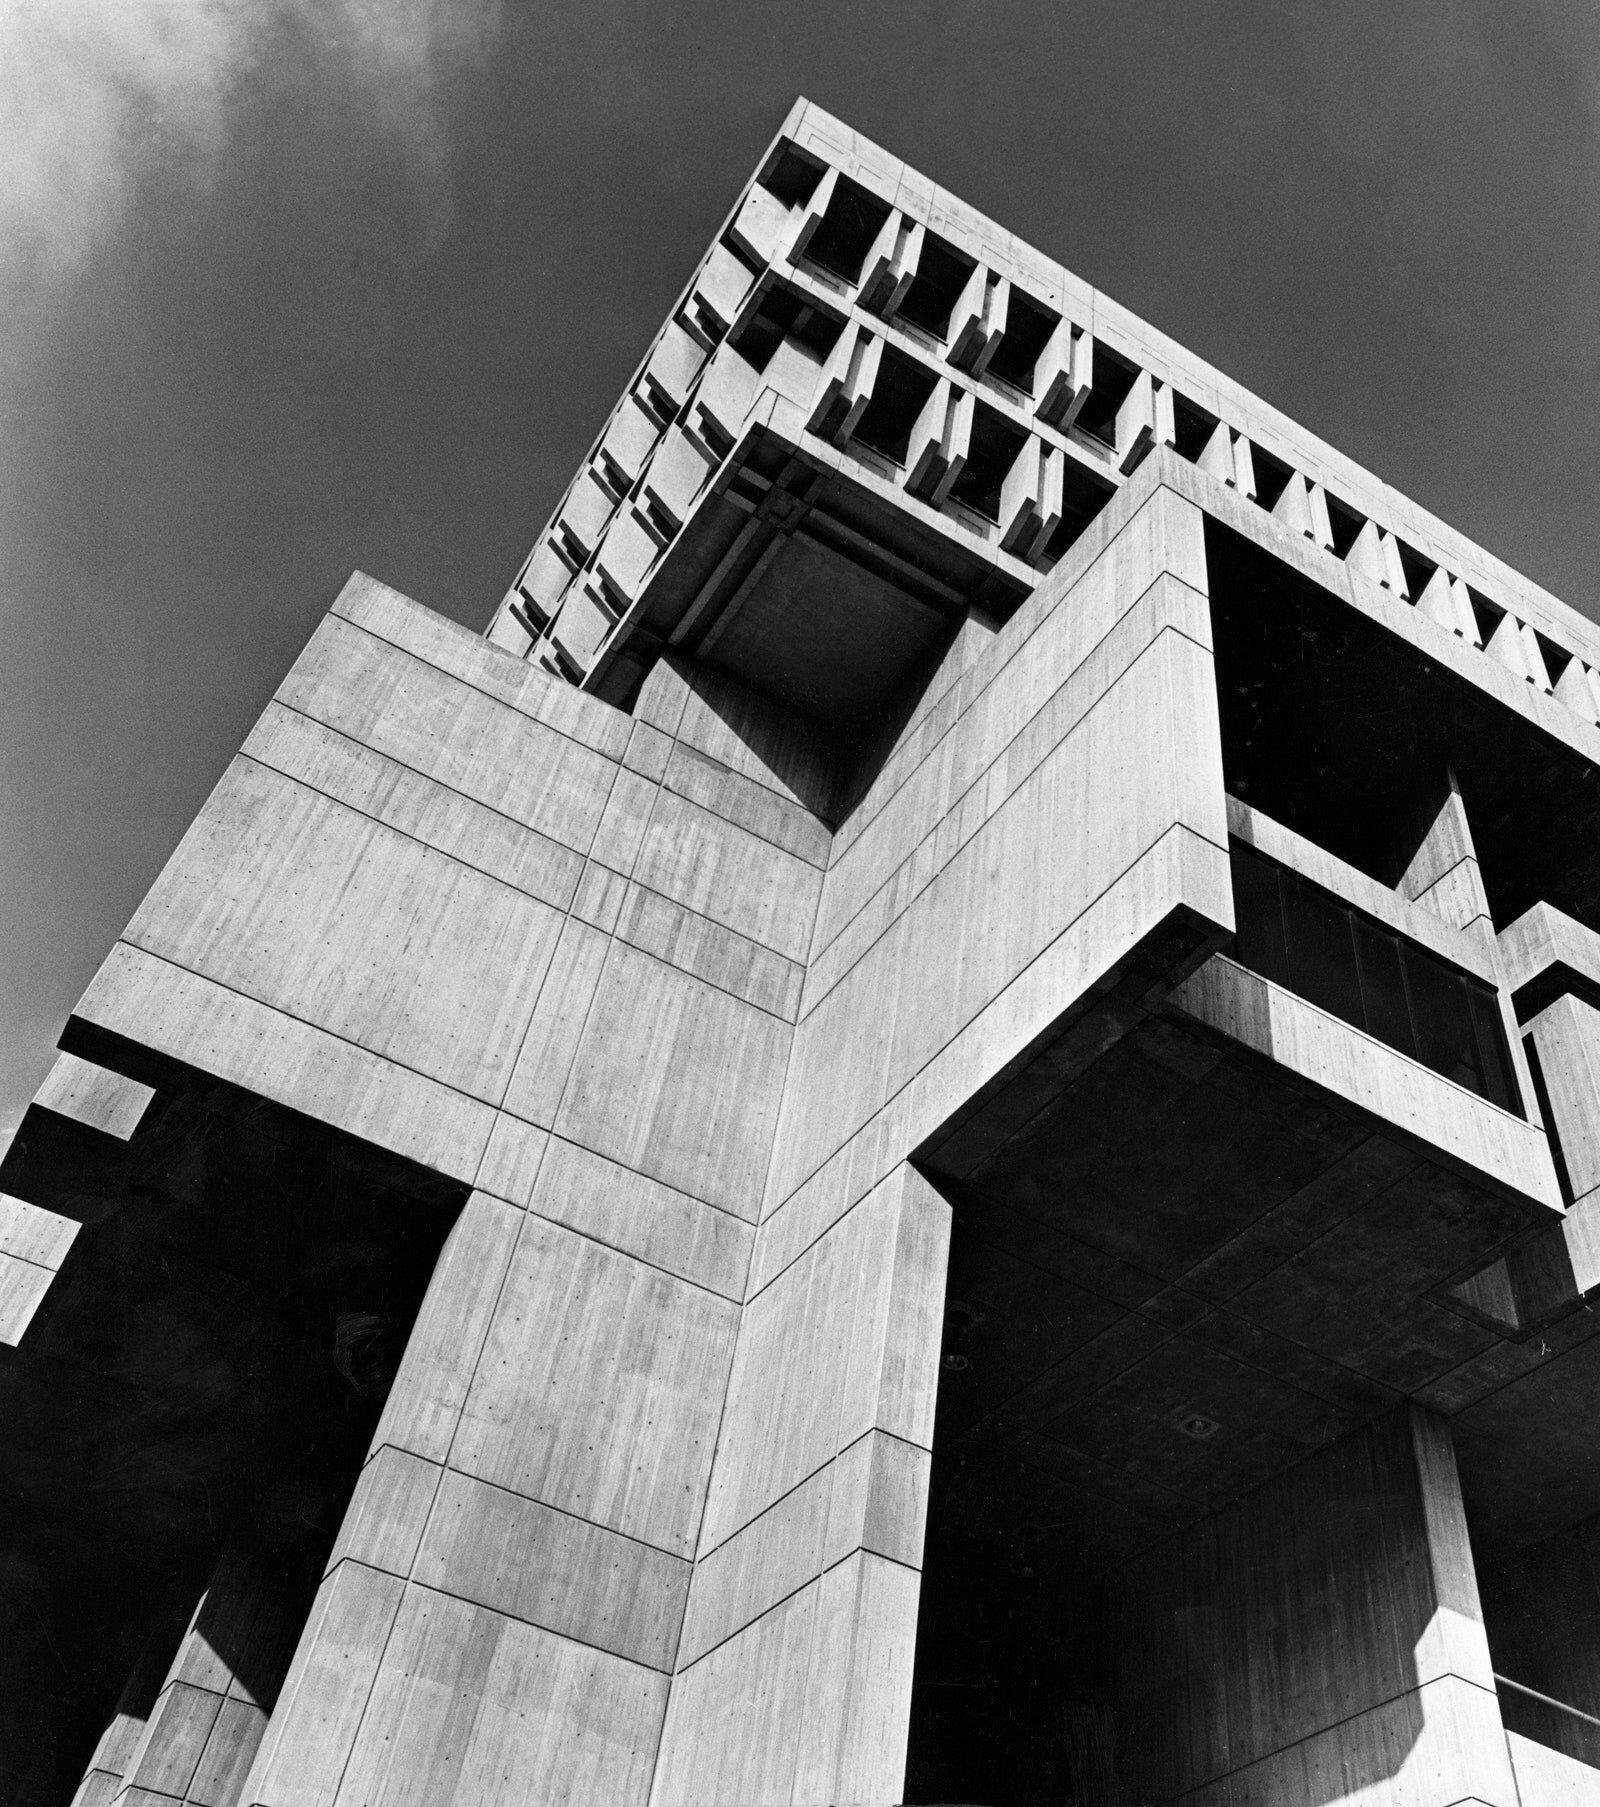 Брутально гарний смак: Декілька найвідоміших будівель у стилі бруталізму